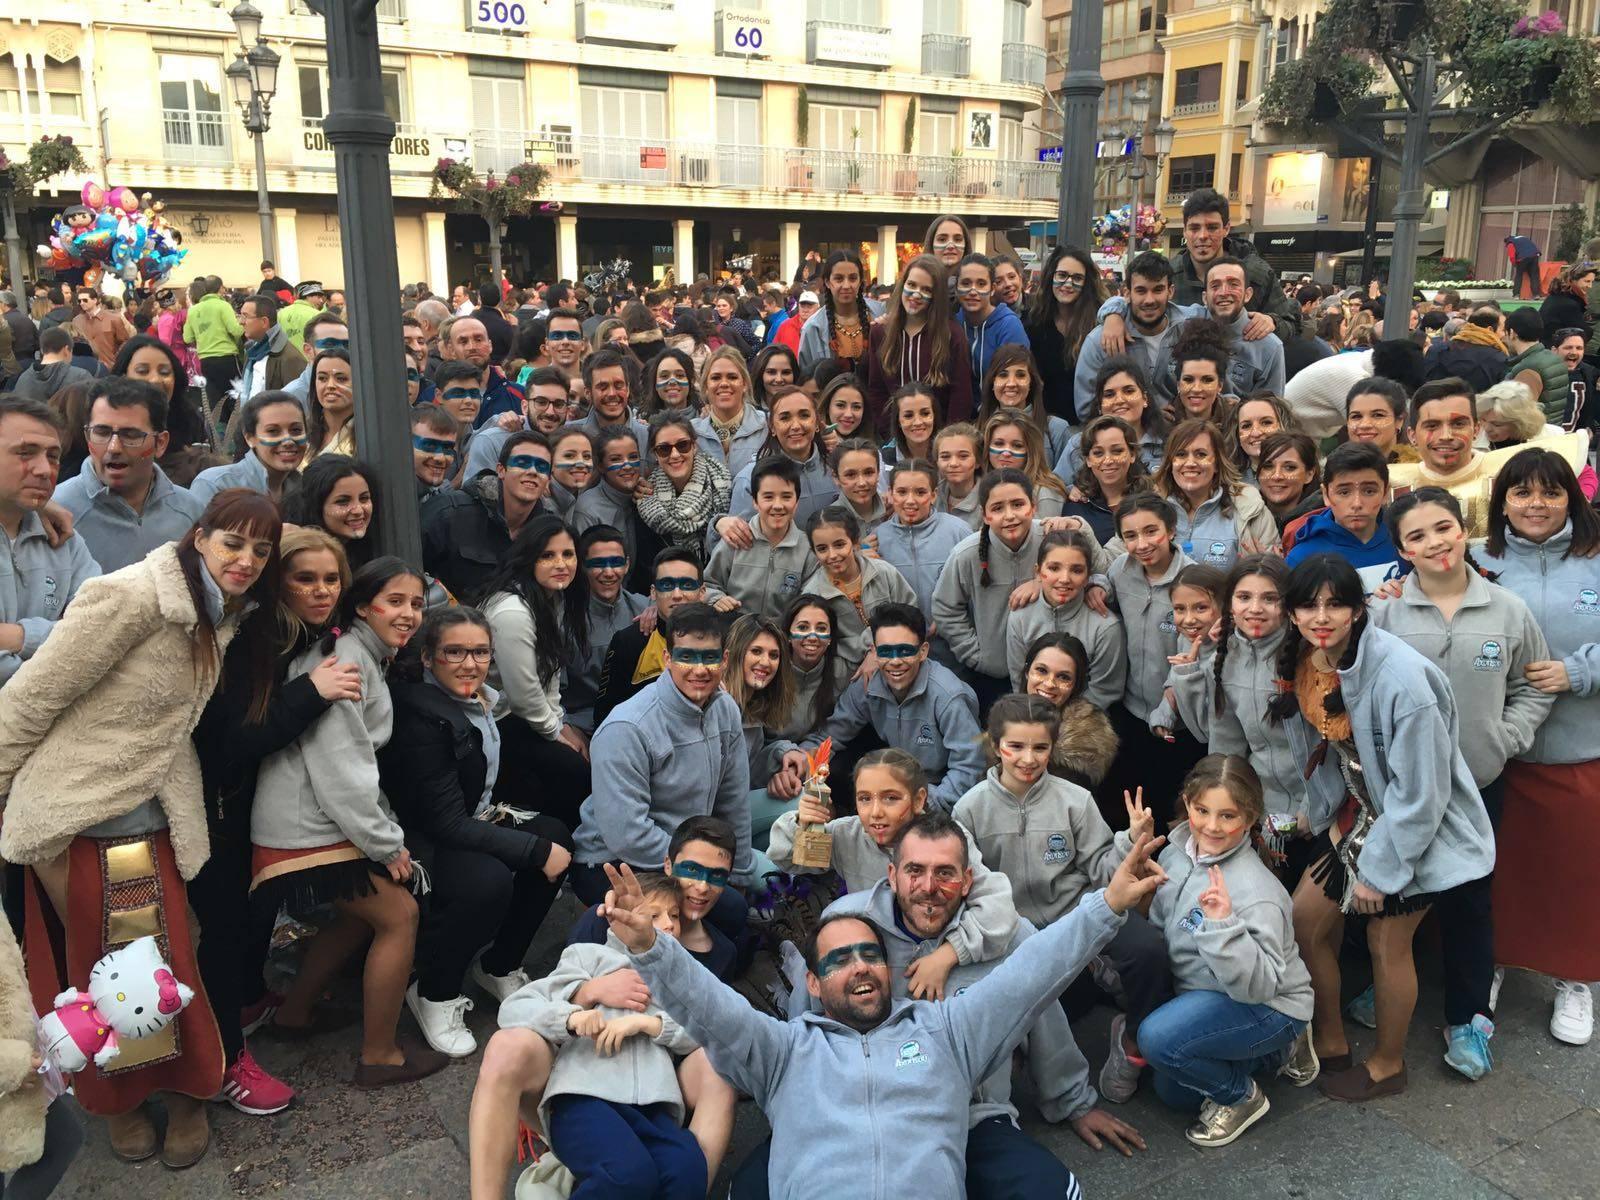 Axonsou de Herencia en el desfile de Pi%C3%B1ata de Ciudad Real 2016 - Programa de la Fiesta del Carnaval de Verano 2016